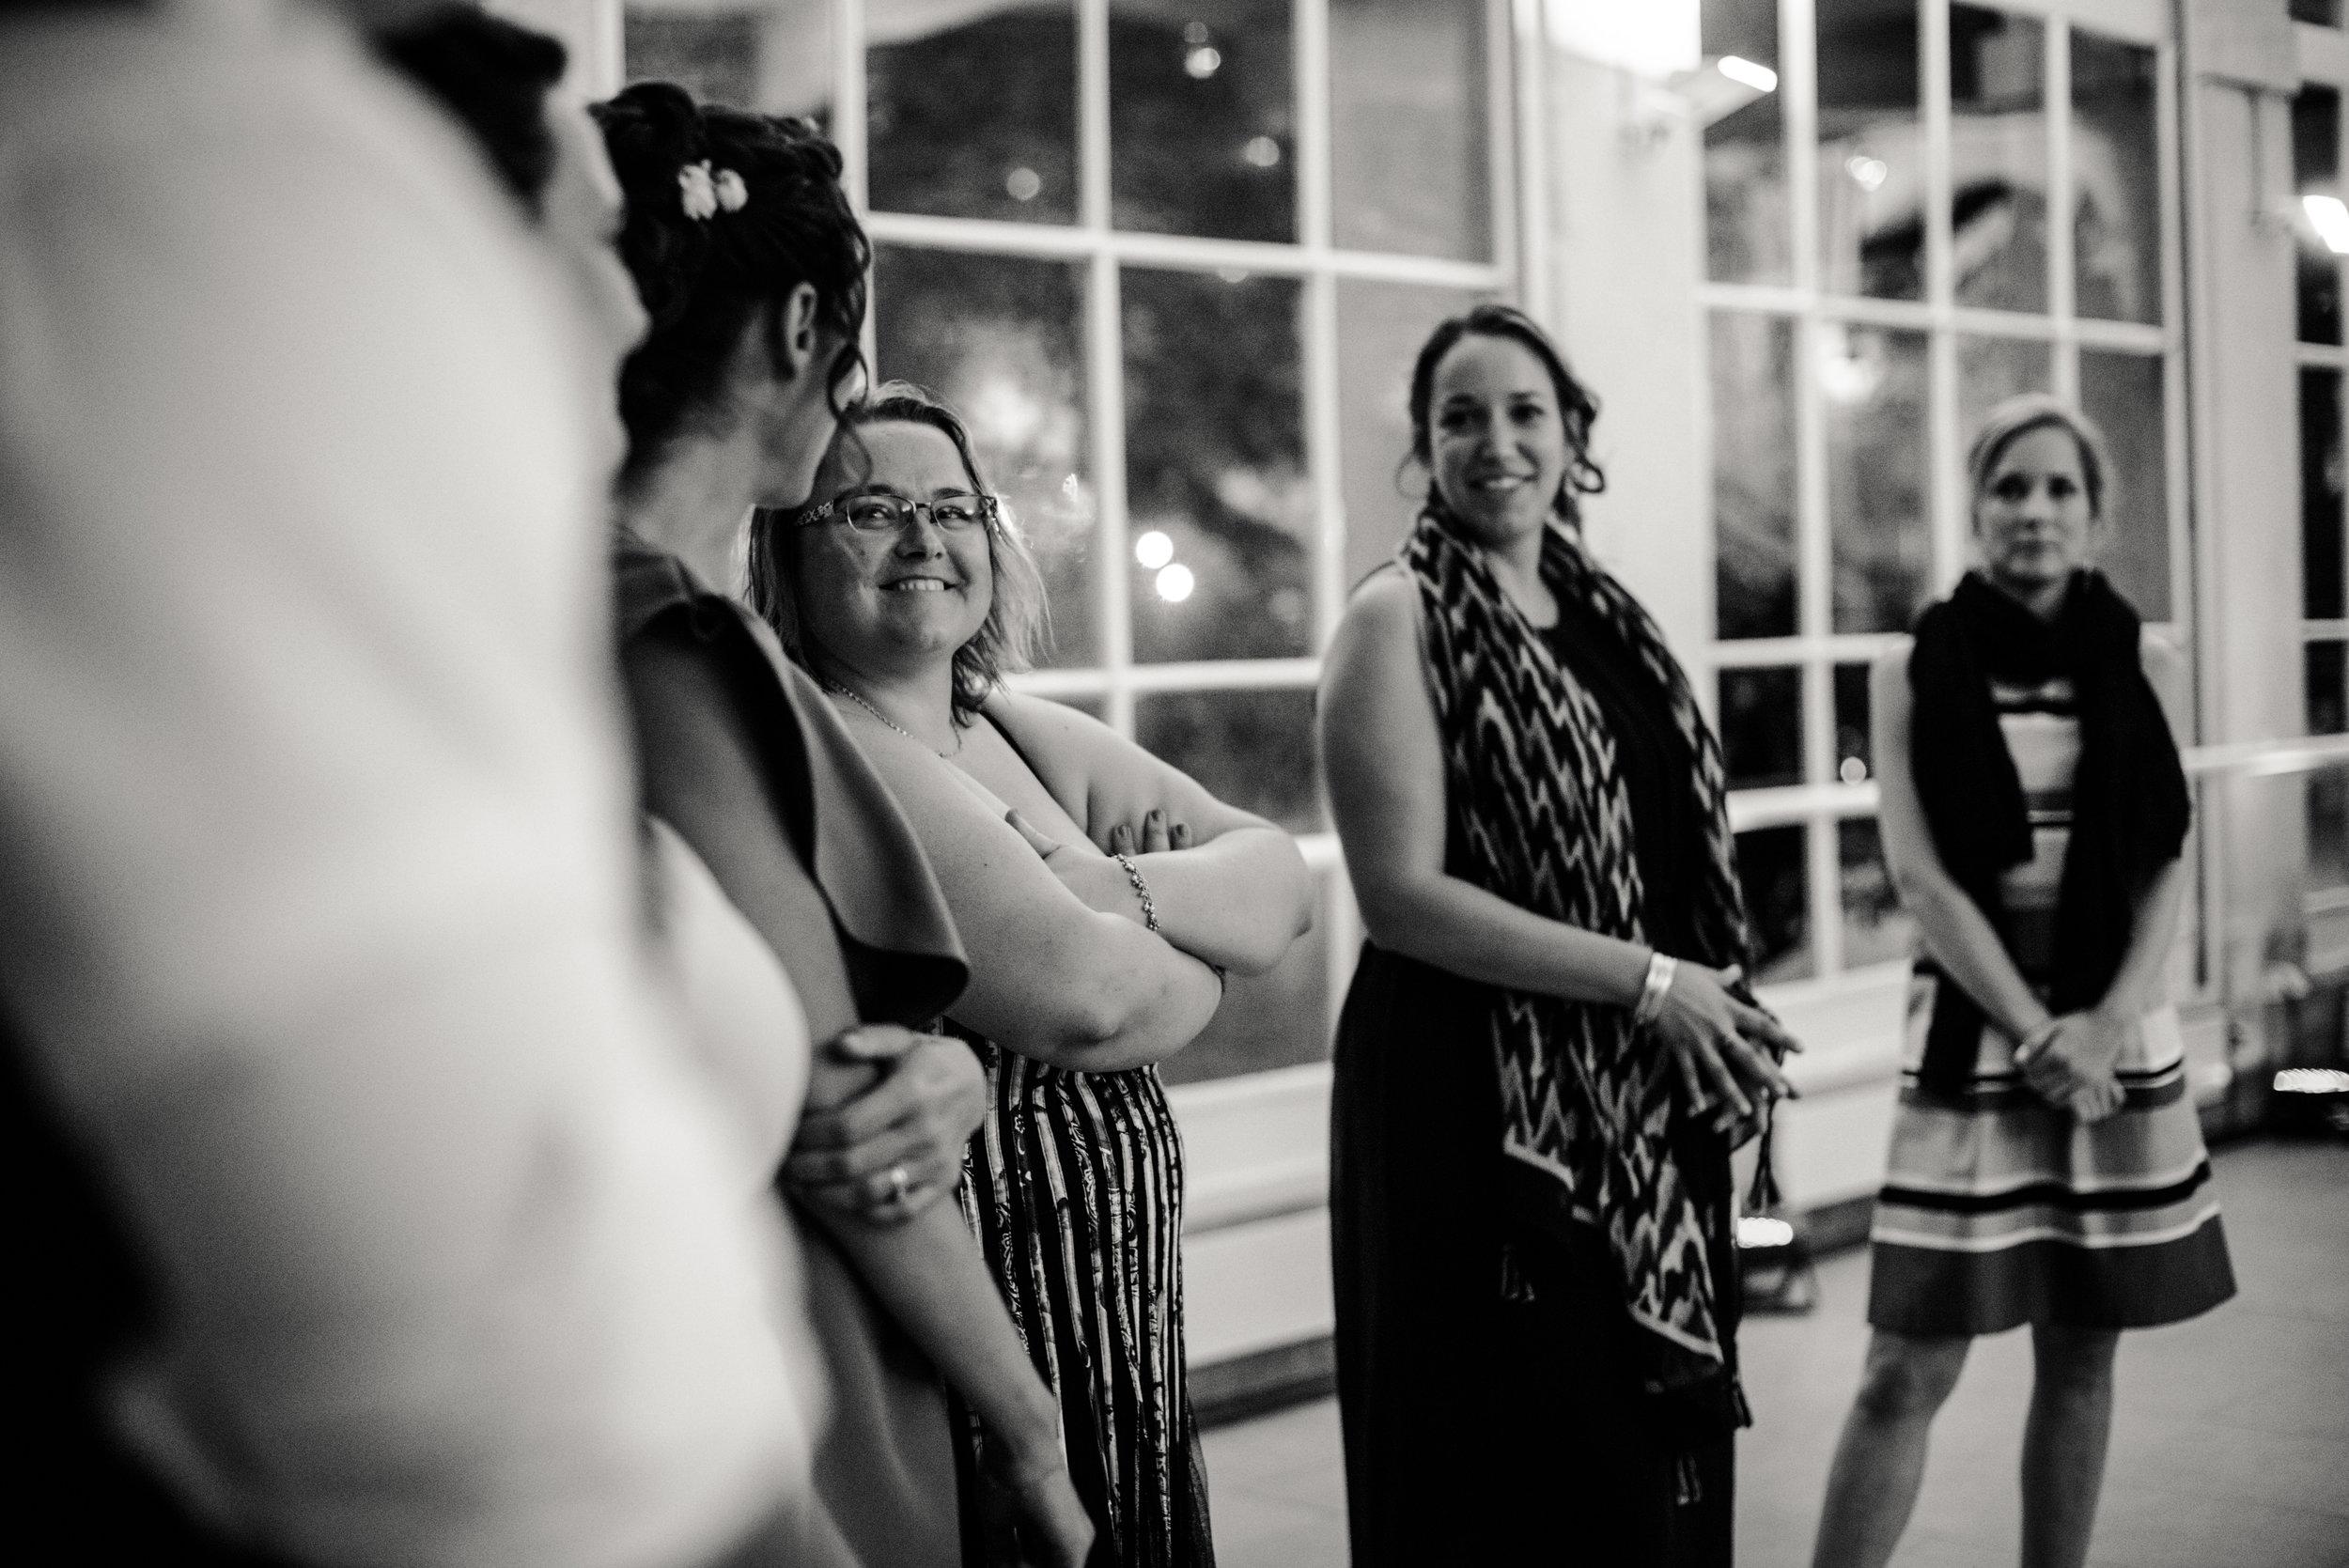 Léa-Fery-photographe-professionnel-lyon-rhone-alpes-portrait-creation-mariage-evenement-evenementiel-famille-9672.jpg